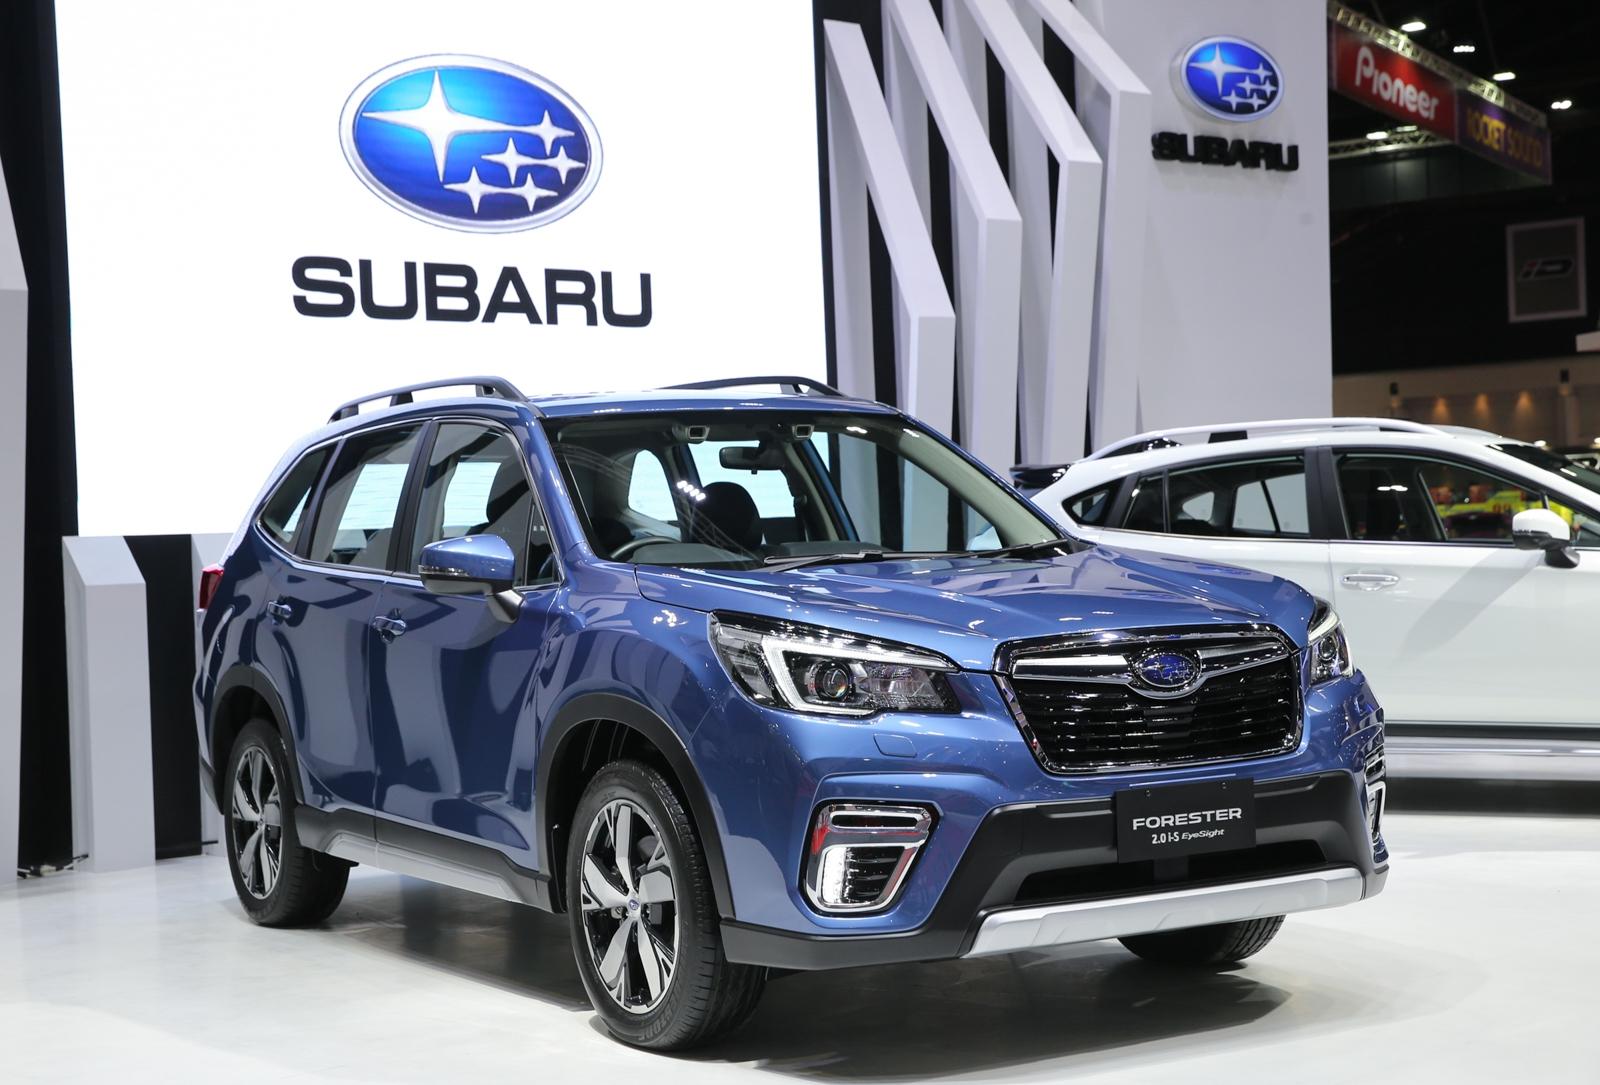 ซูบารุ เผยโฉมชุดแต่งต้นแบบ Subaru XV GT Edition Prototype งานมอเตอร์โชว์ ครั้งที่ 40